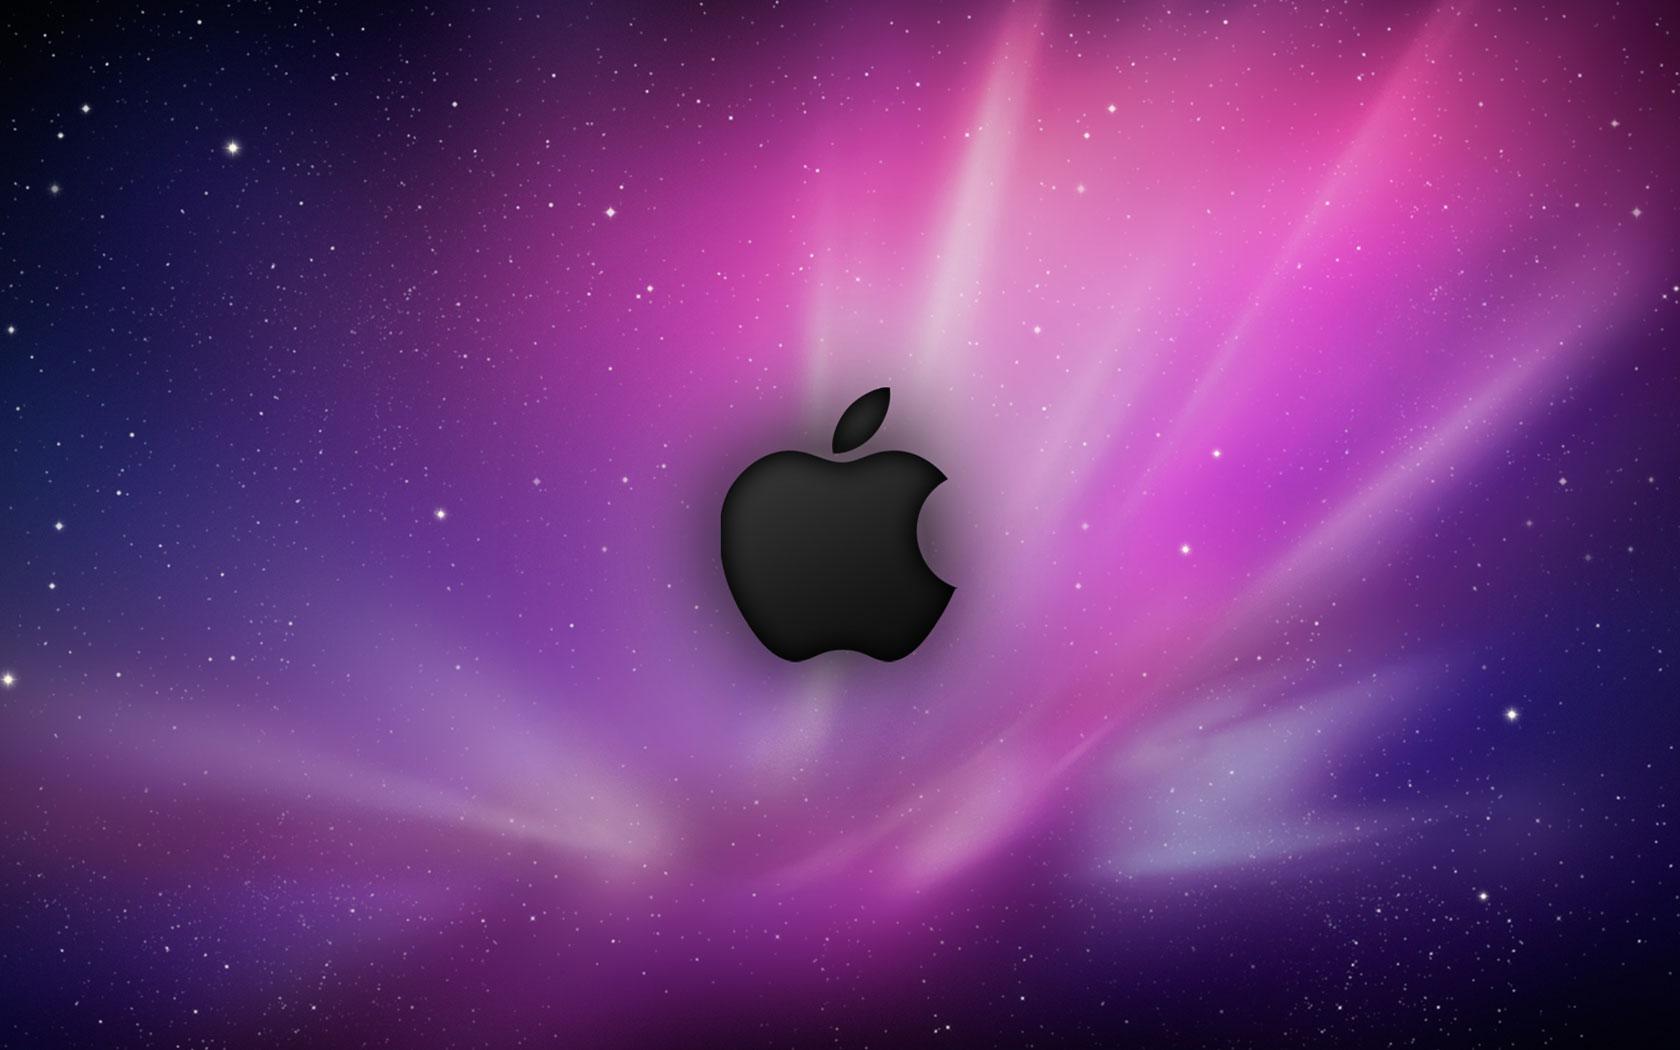 我想要苹果电脑桌面做背景,就是这个图片,有没有高清的?